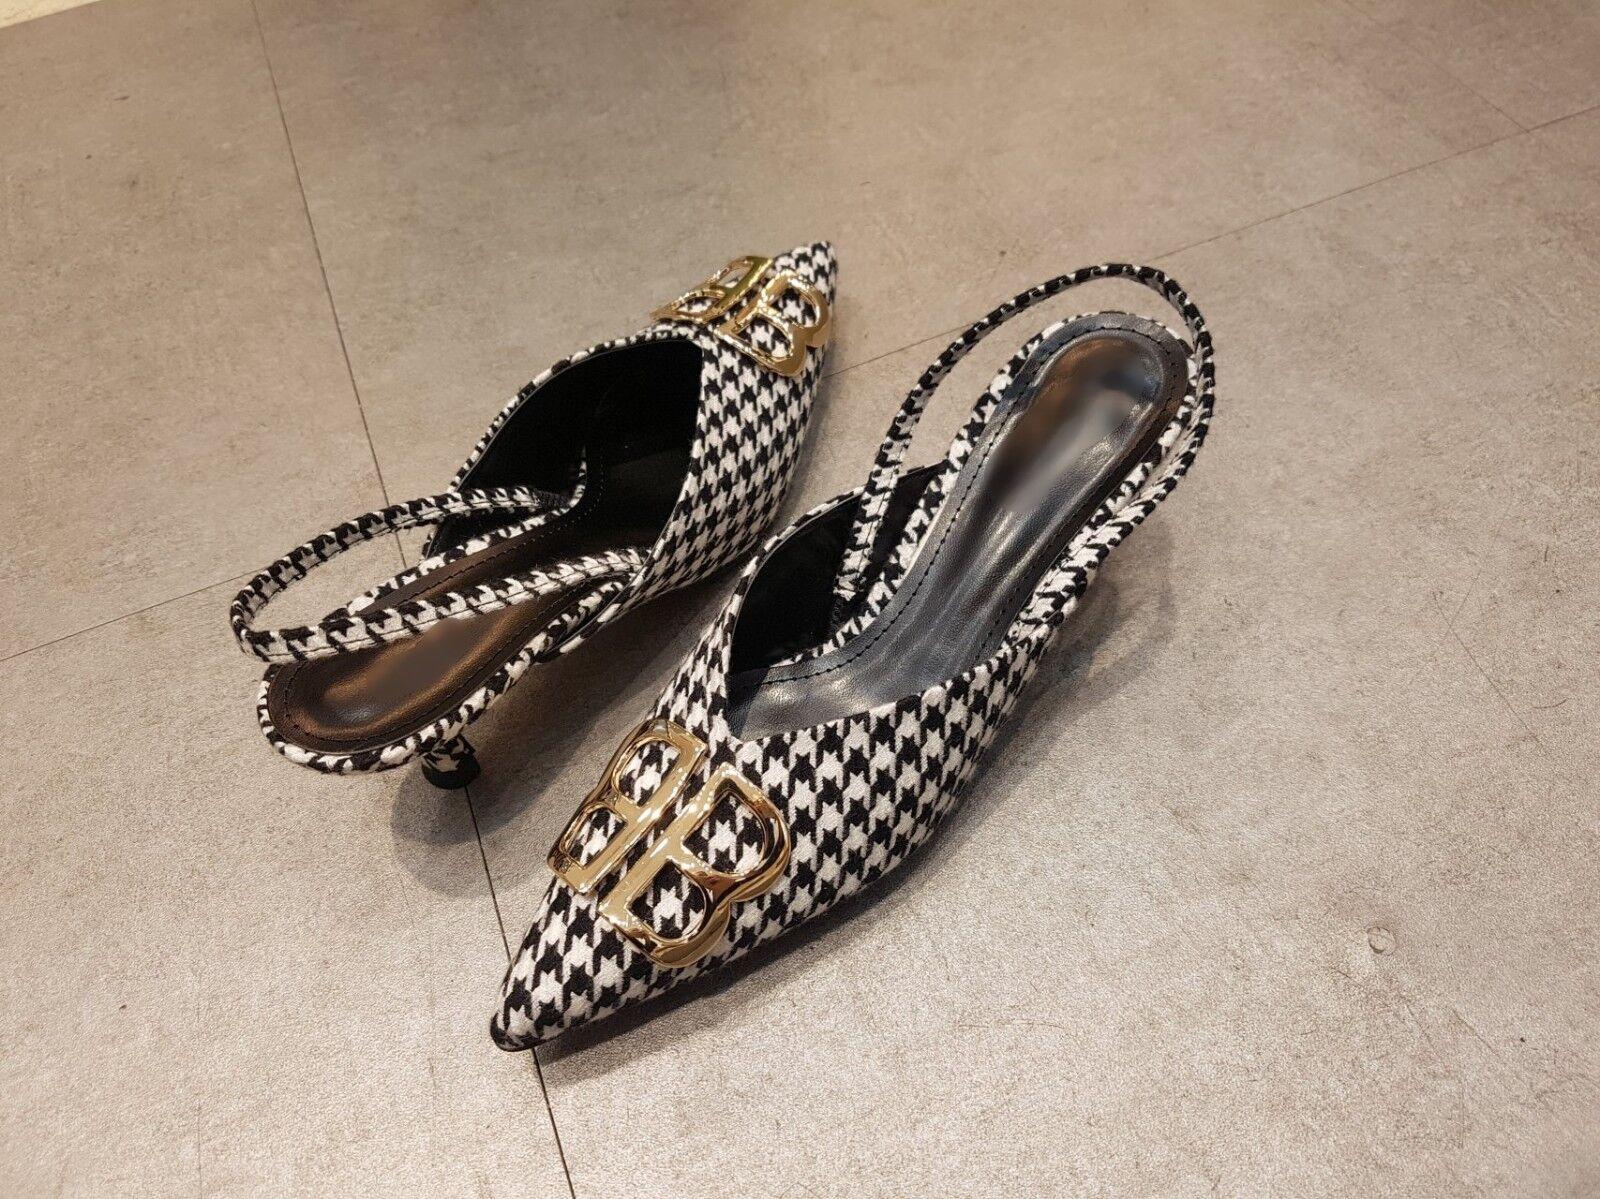 Zapatos de Hecho Mujer BB Charol Hecho de a Mano] mediados talón Houndstooth comprobar bombas Gatito cuchillo d2ec70